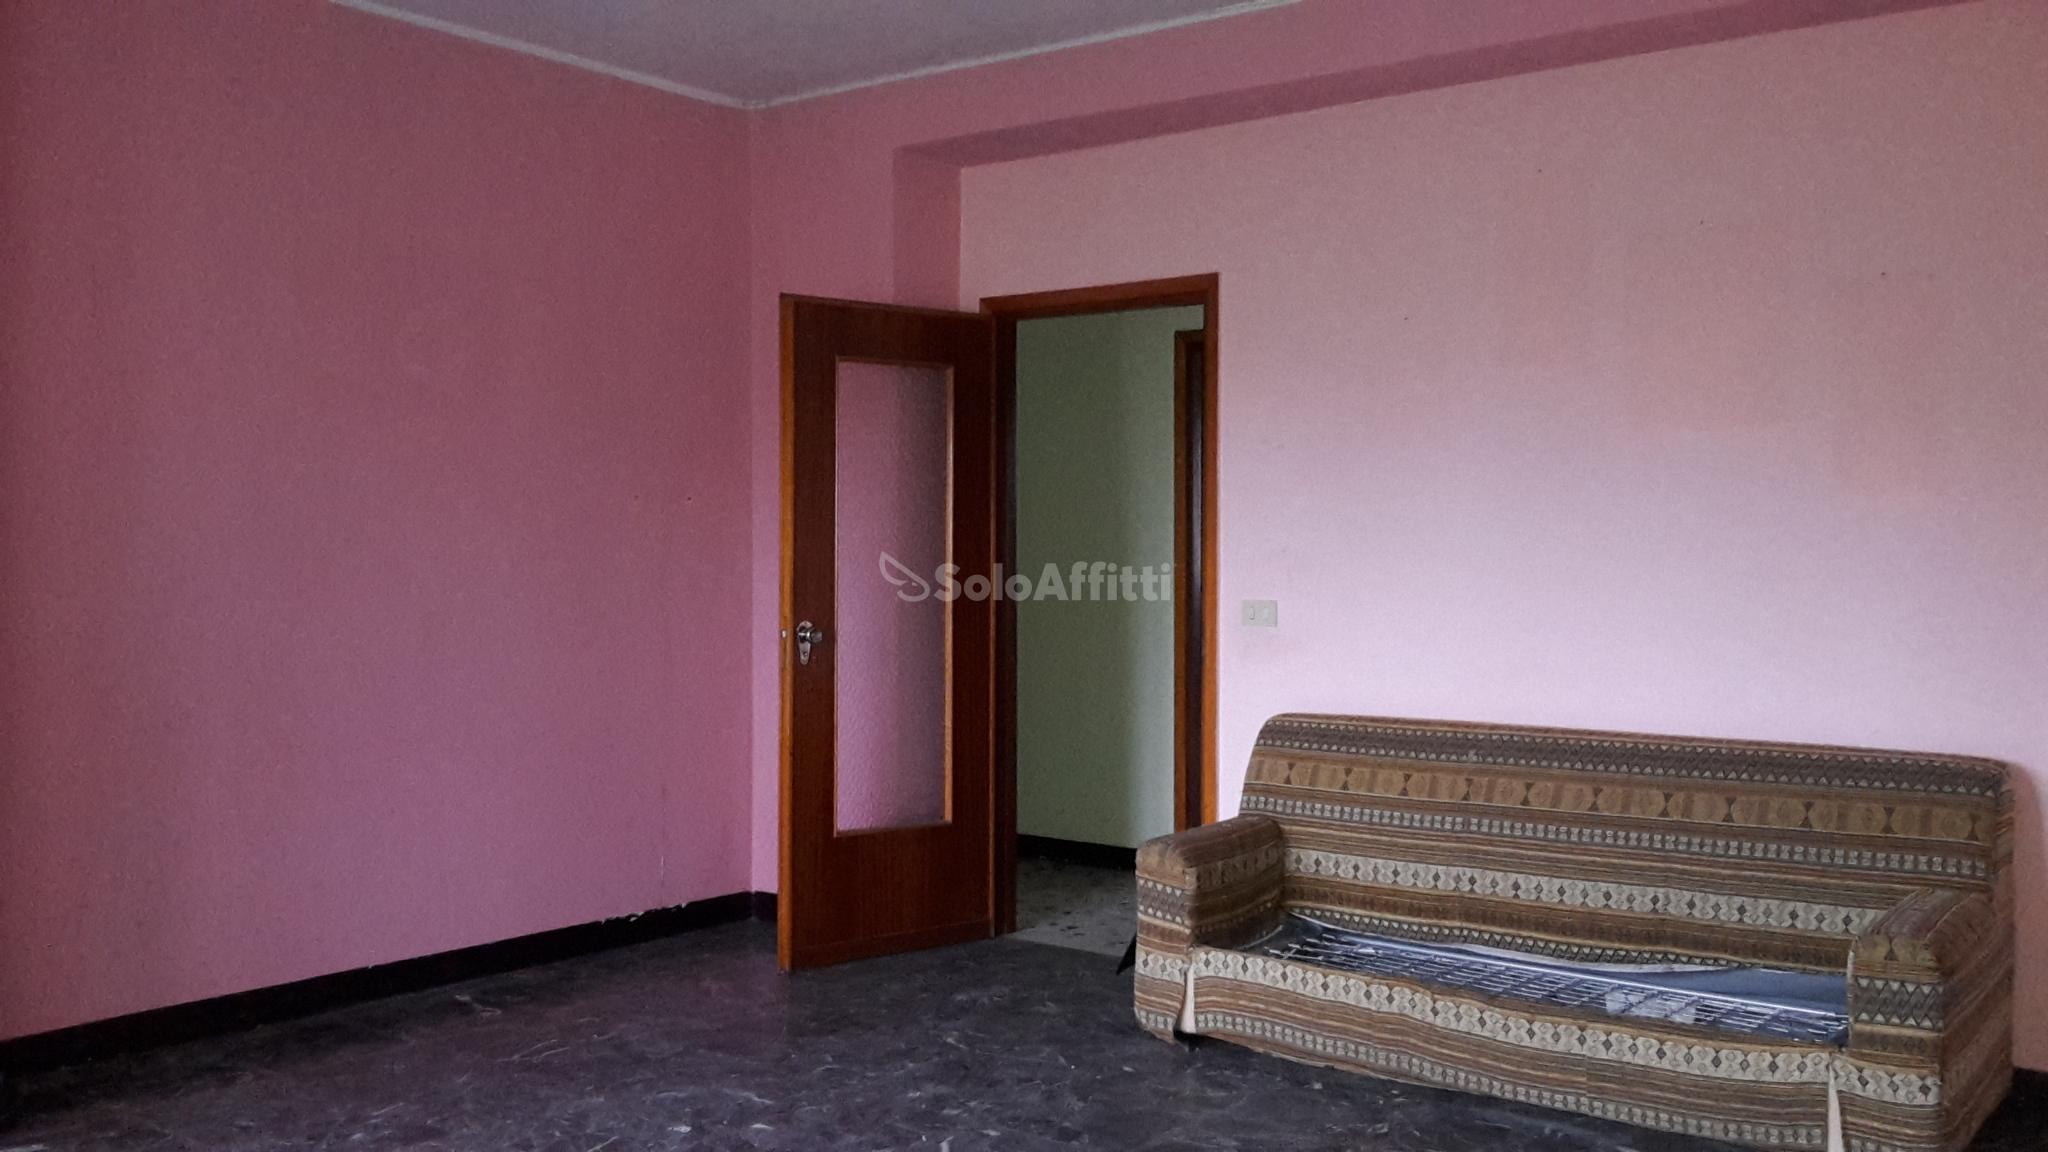 Appartamento 5 locali 5 vani